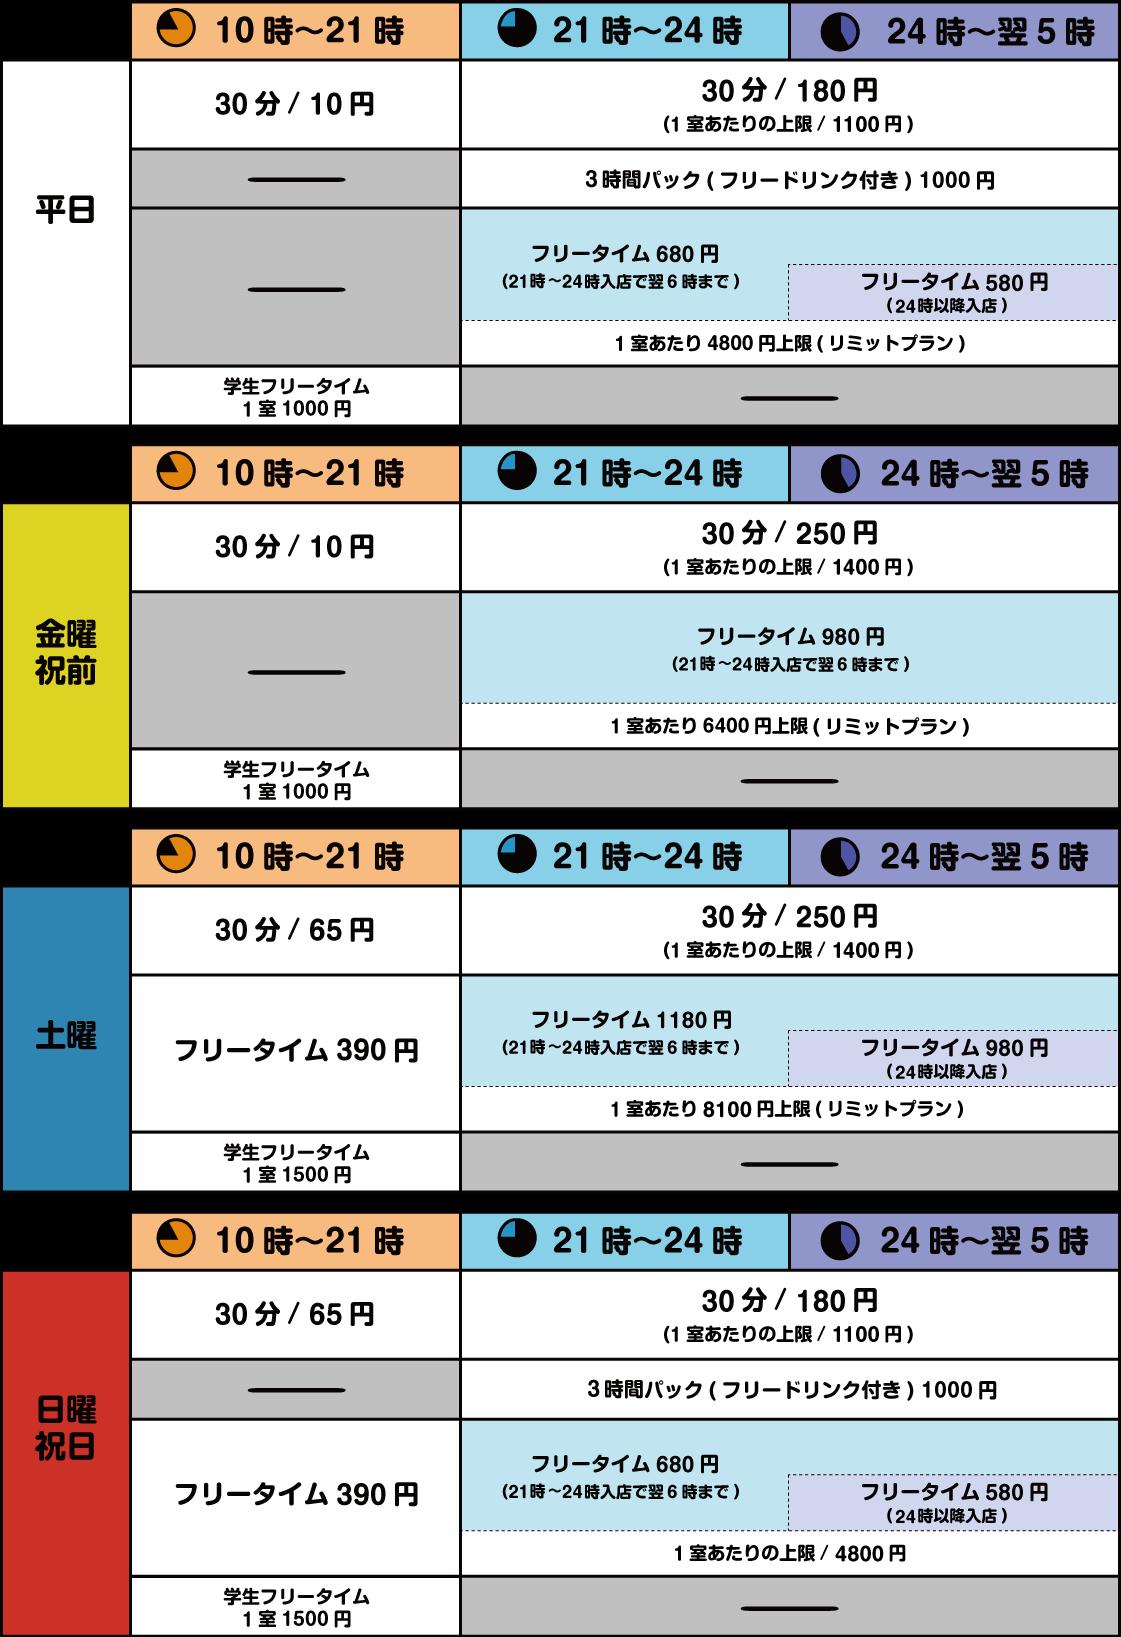 水玉店のカラオケ料金表